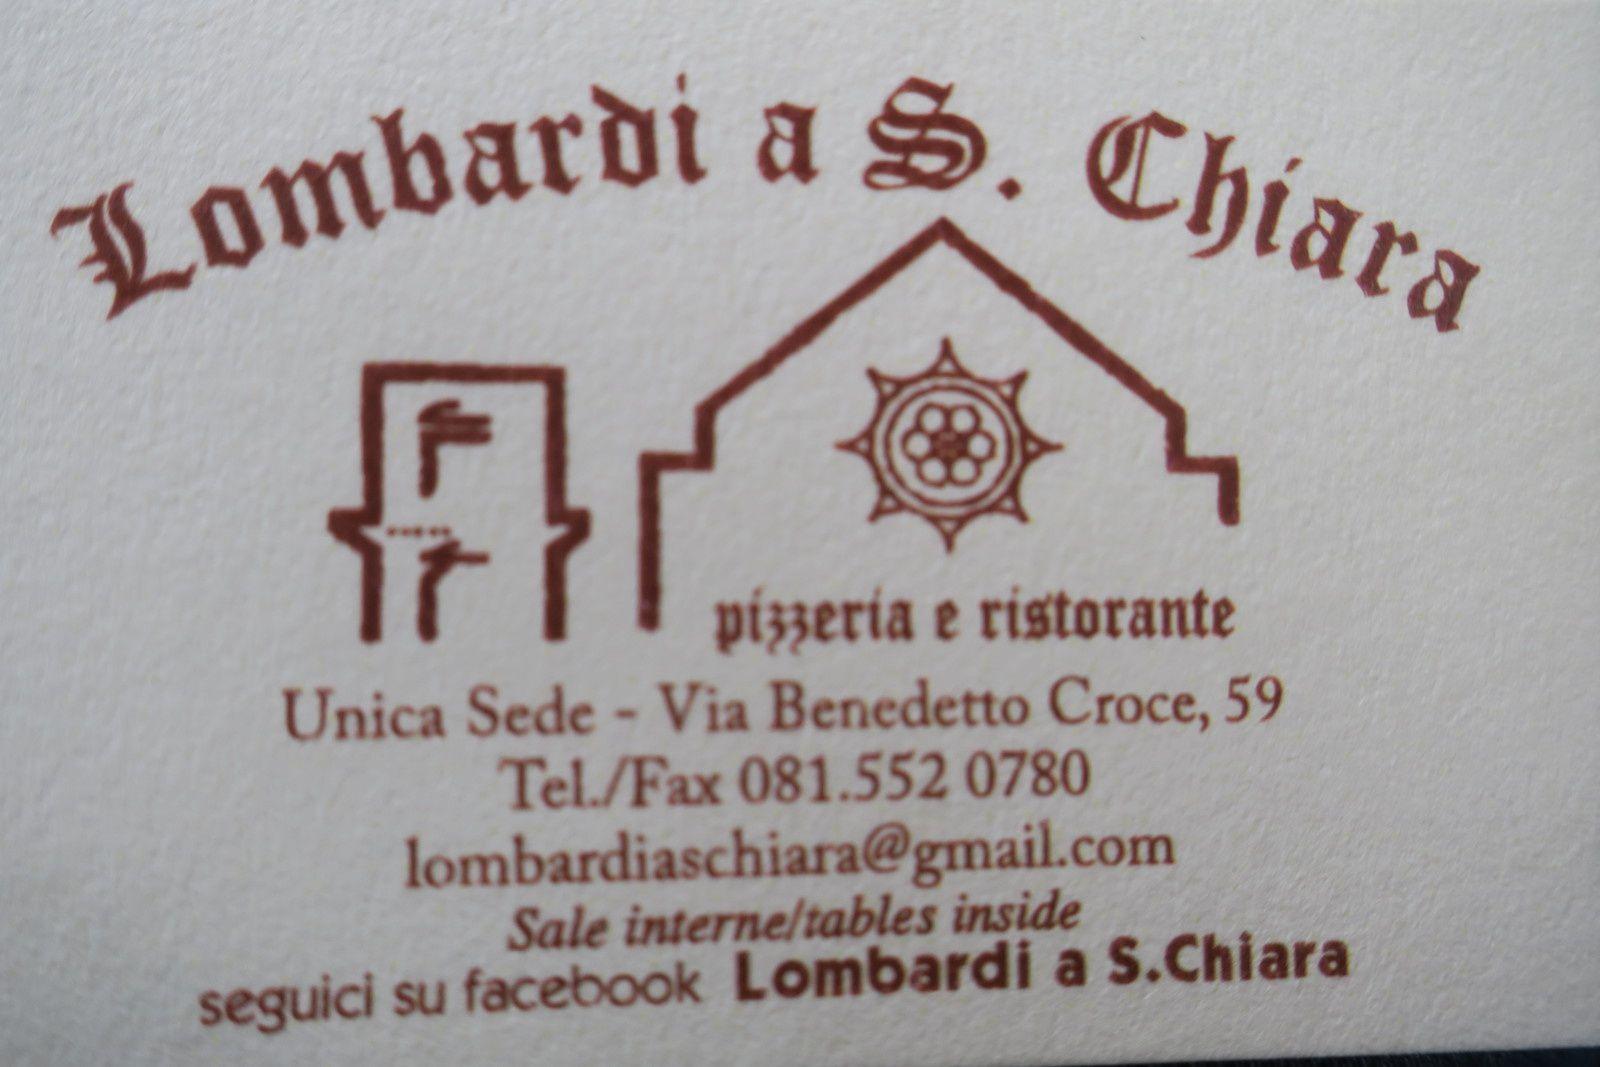 Une adresse pour les véritables amateurs de bonnes pizzas.